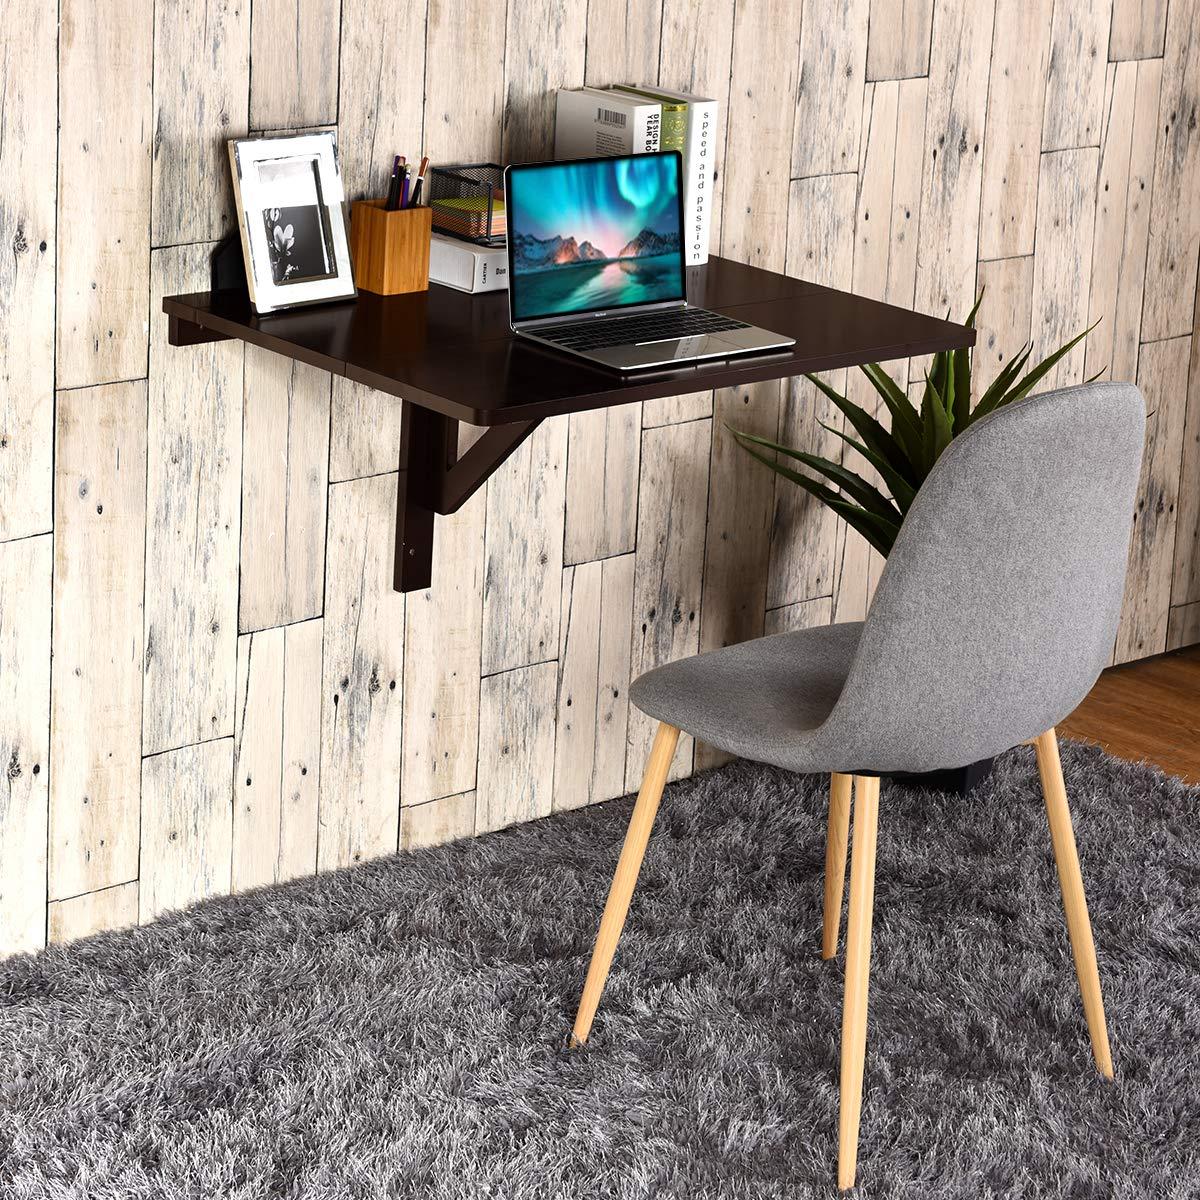 COSTWAY Wandtisch klappbar, Wandklapptisch weiß, 80x60cm, Klapptisch aus Holz (Braun) 2